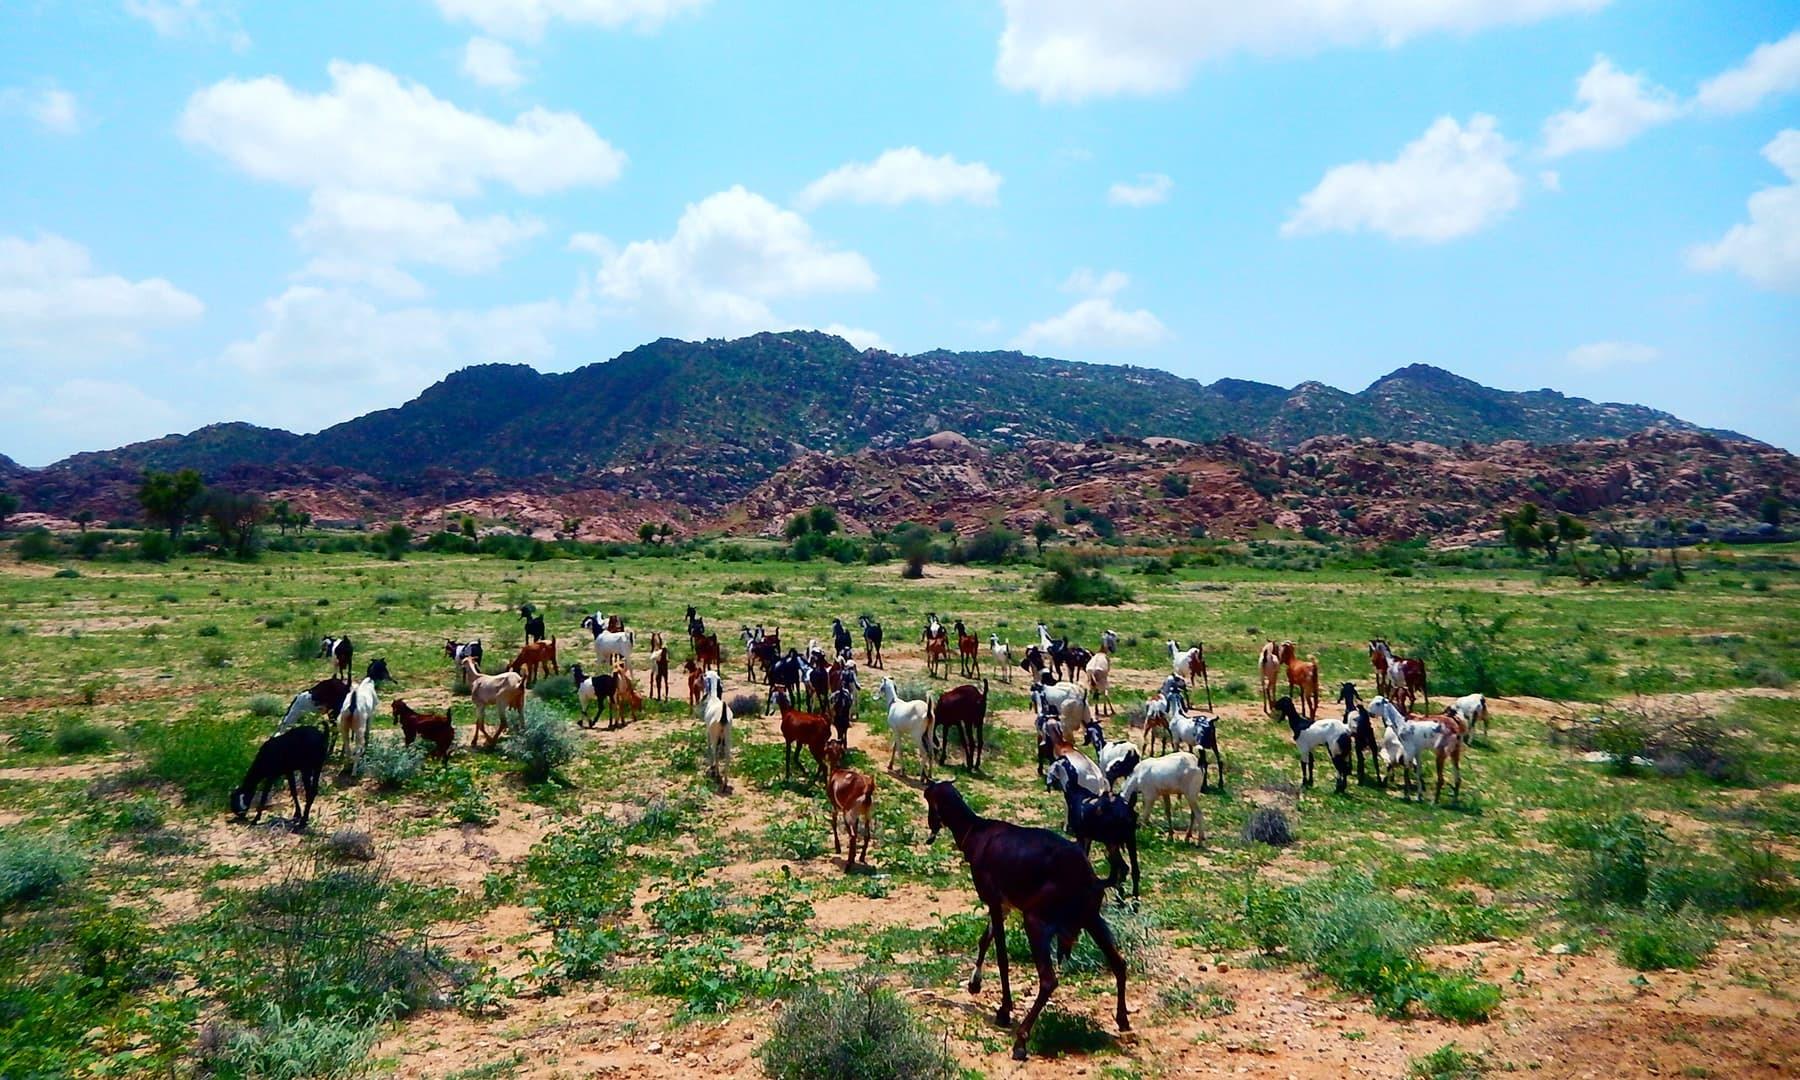 مویشیوں کے لیے جنت سمجھے جانے والا کارونجھر—ابوبکر شیخ